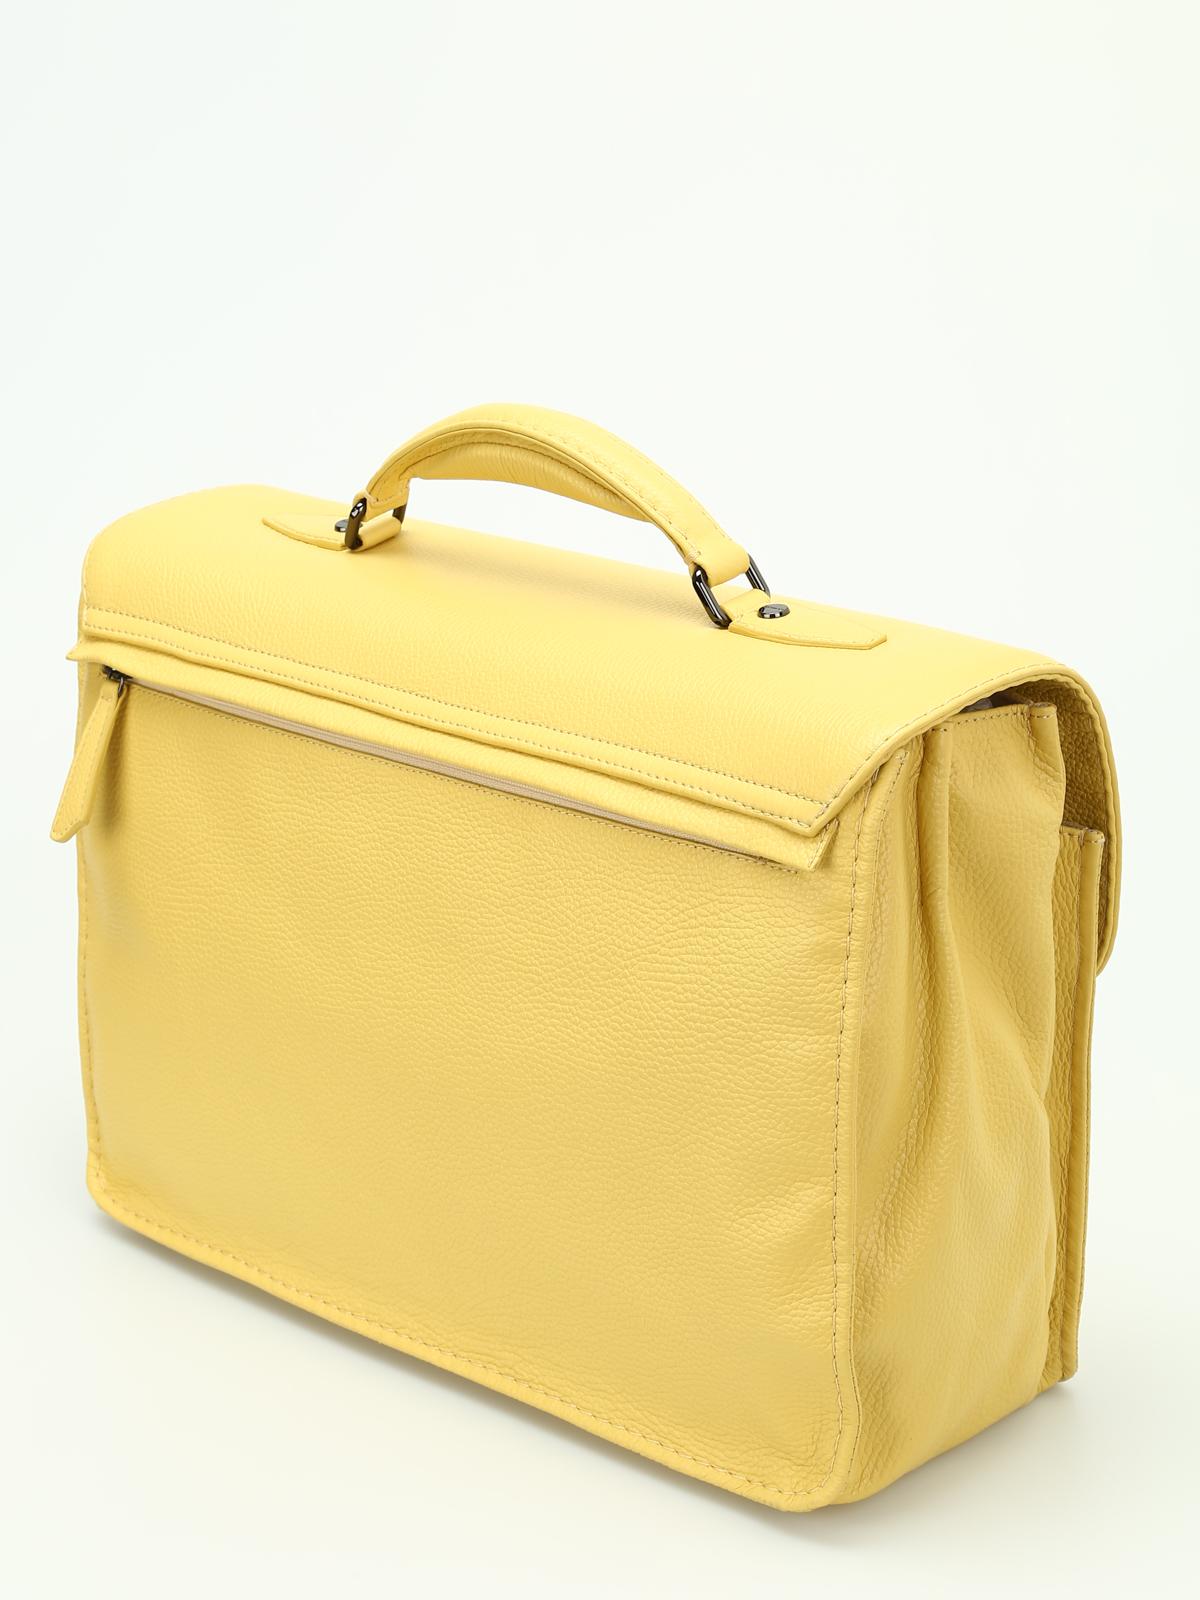 Zanellato Almirante Dollarone leather satchel onja8O